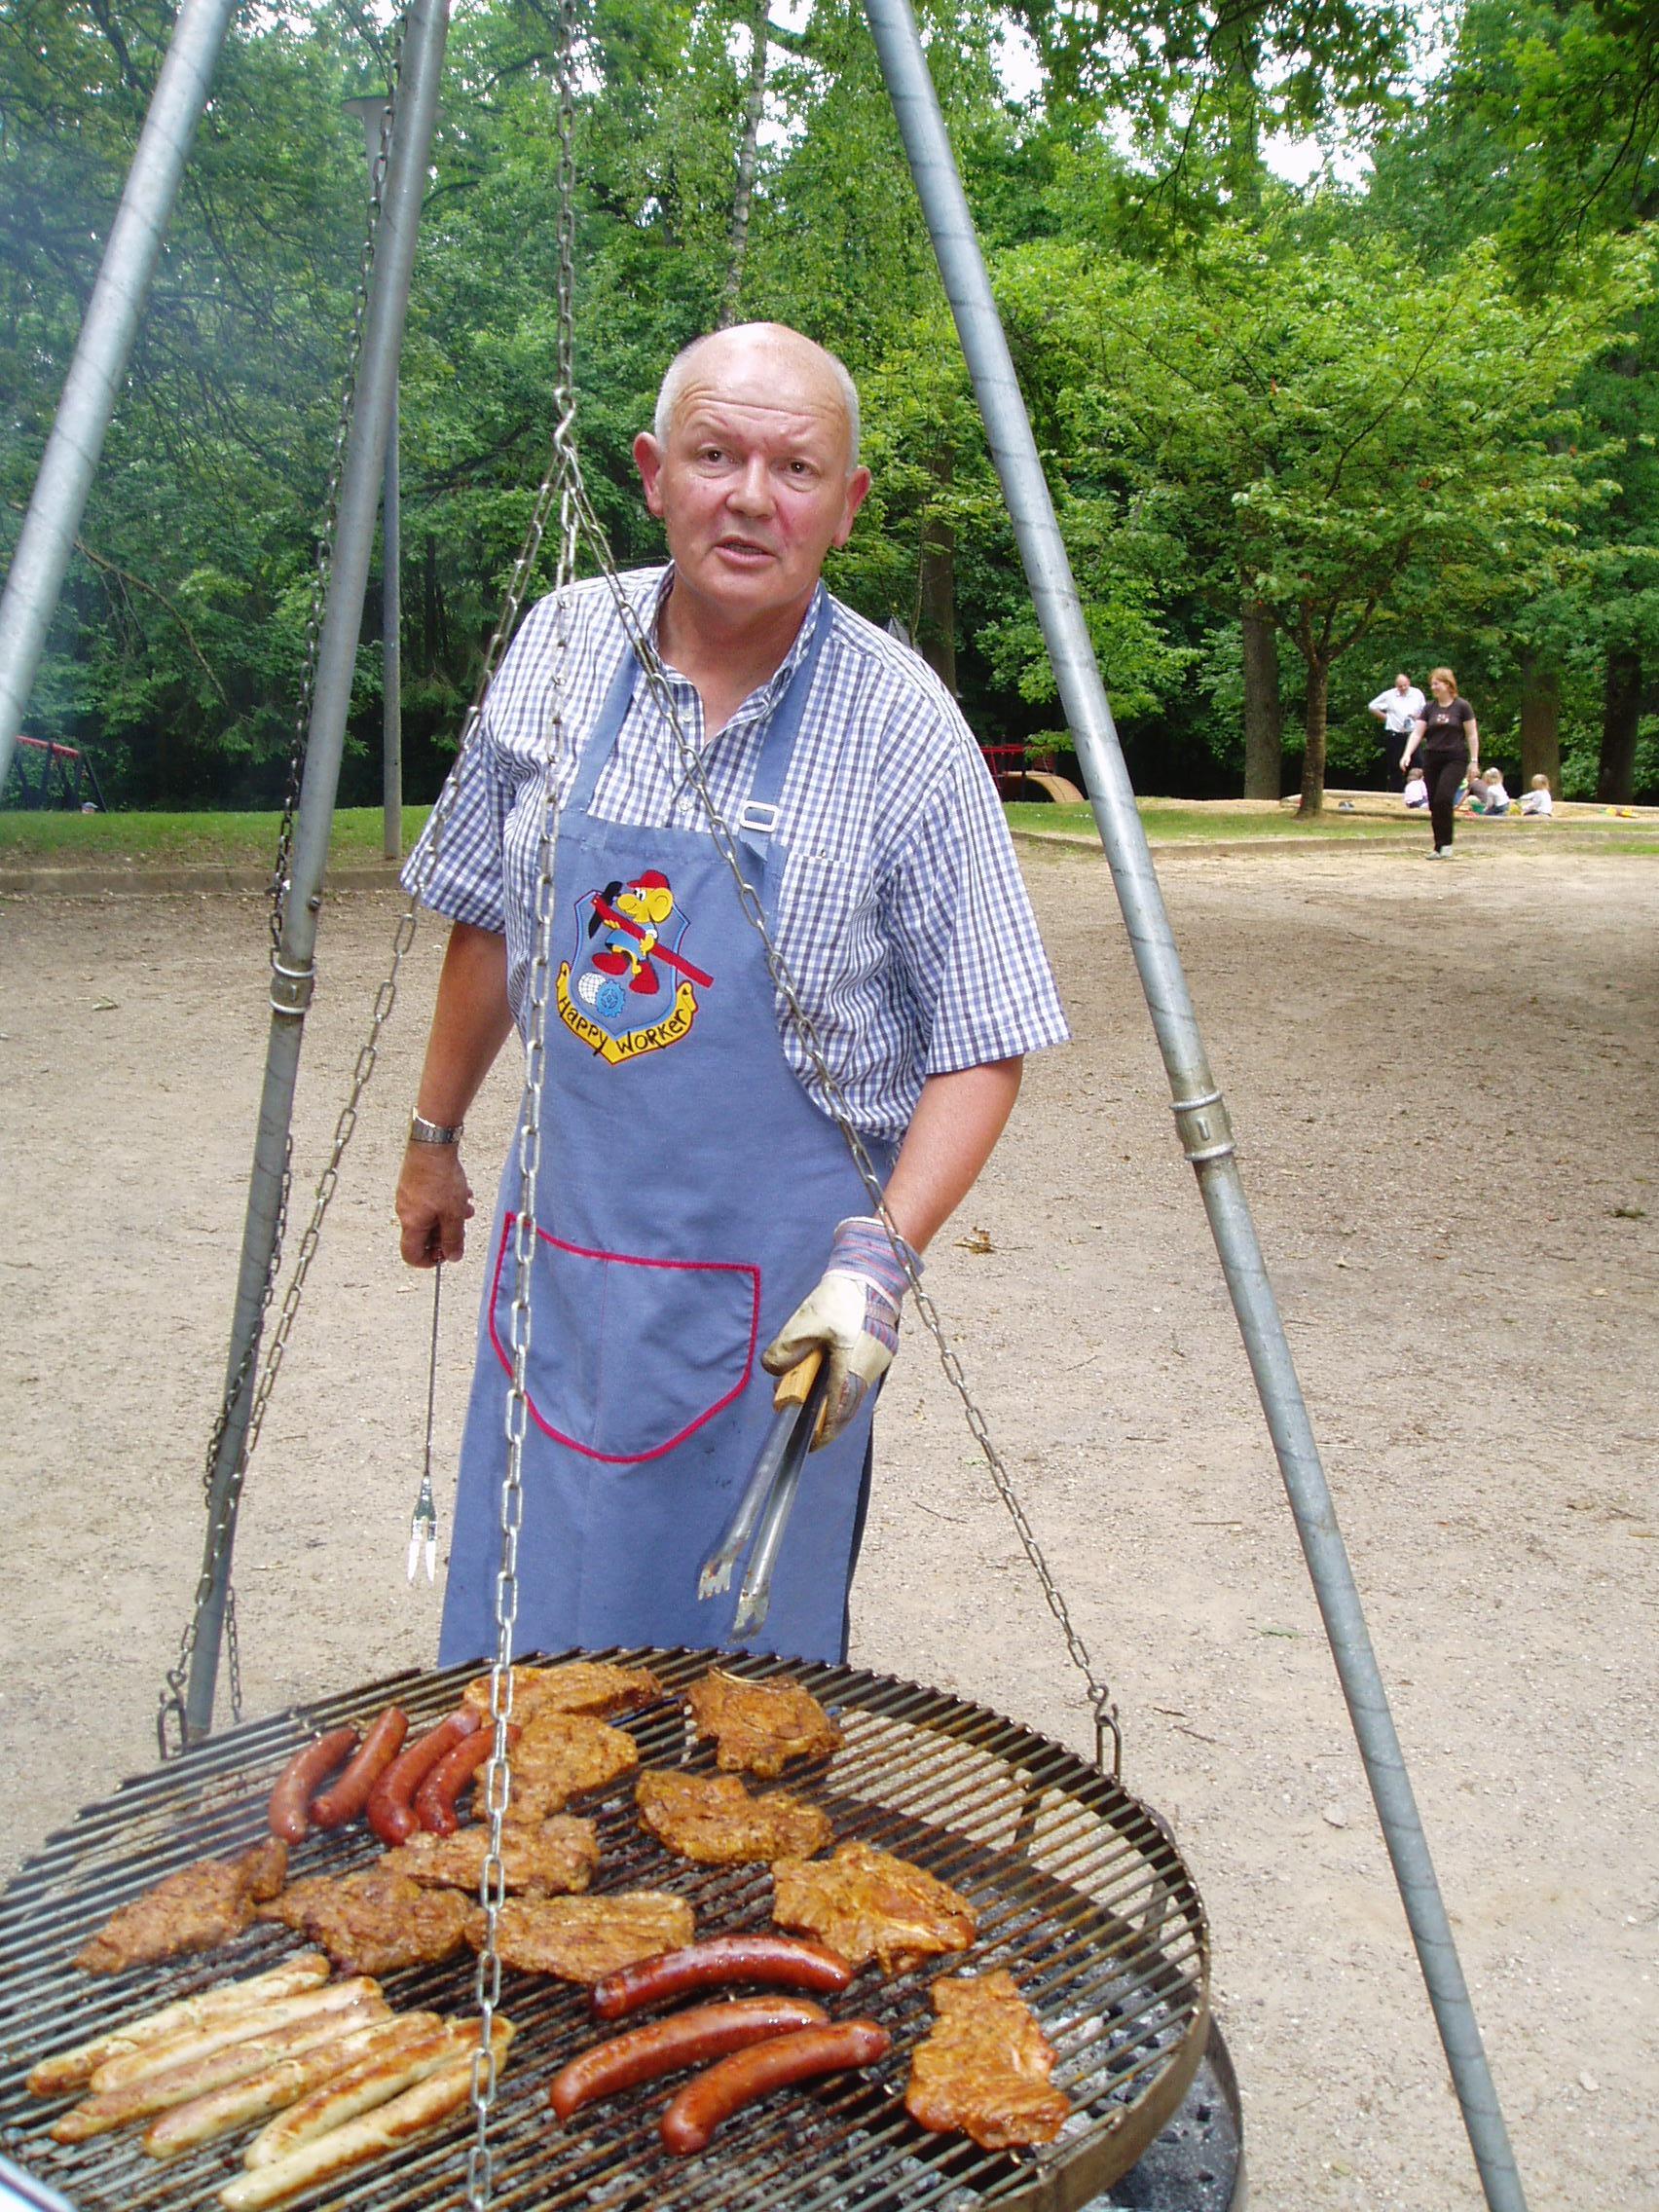 De Jang Feyereisen um Grill